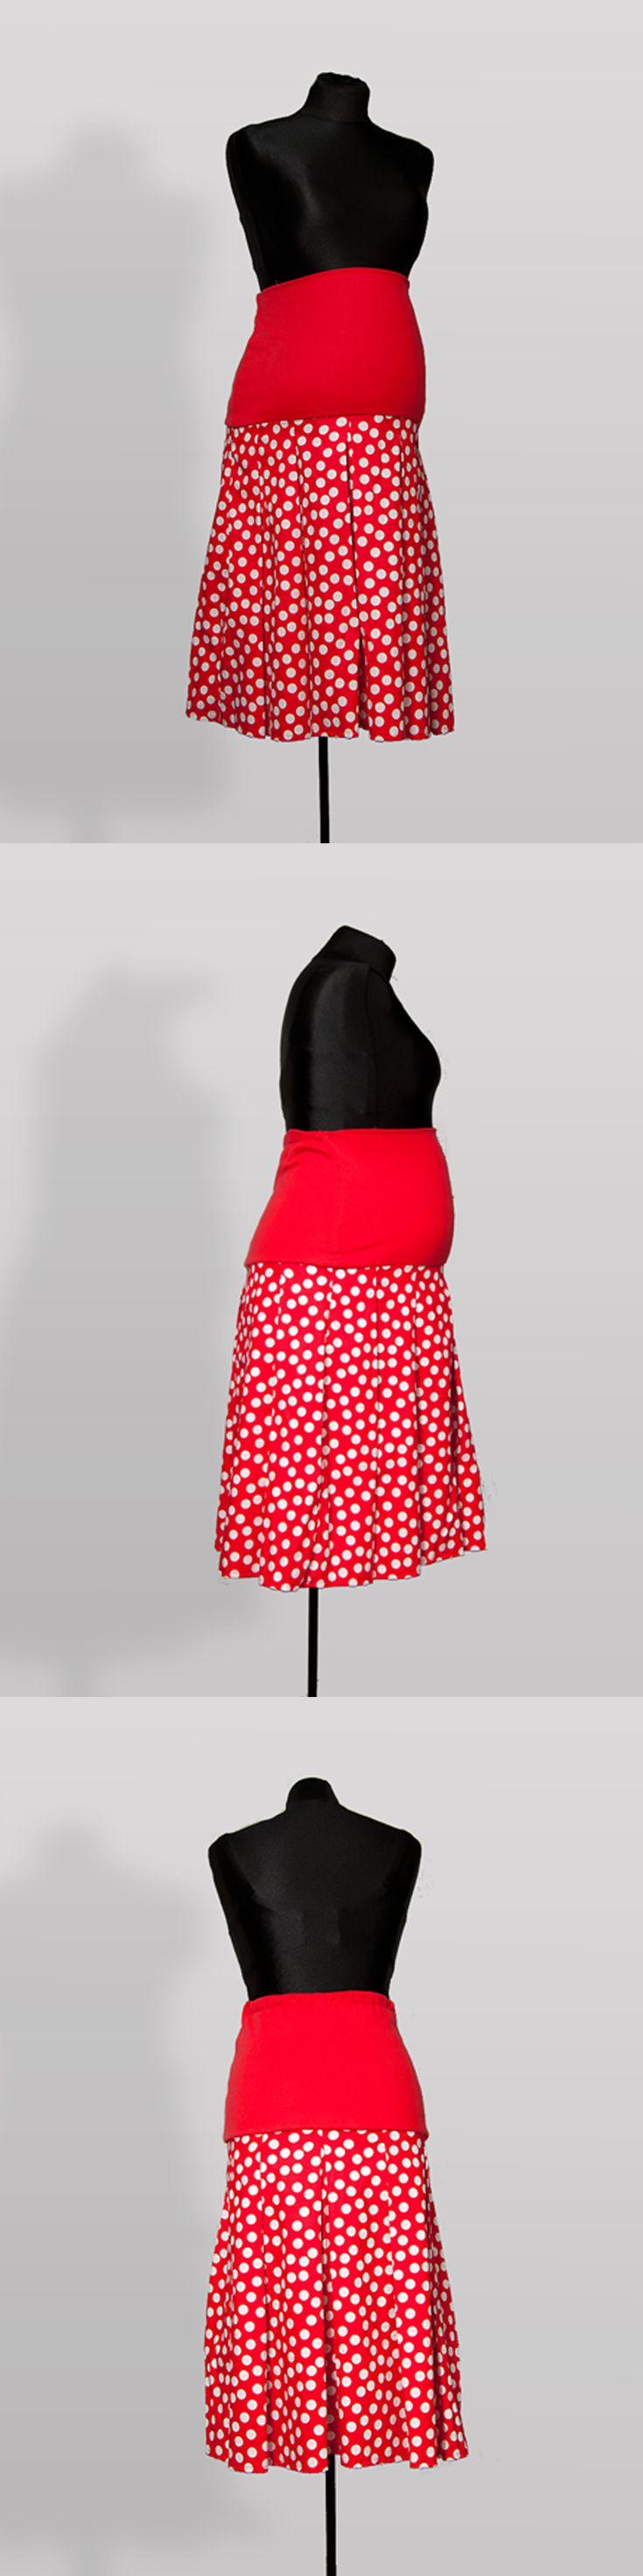 SK002 – Sukně Červená šedesátá Těhotenská sukně z bavlněné látky s pružným pásem Ideální do práce Pružný pás pro zvětšující se bříško Pás je možné nosit přes bříško nebo ohnutý Sukni je možné nosit i po těhotenství